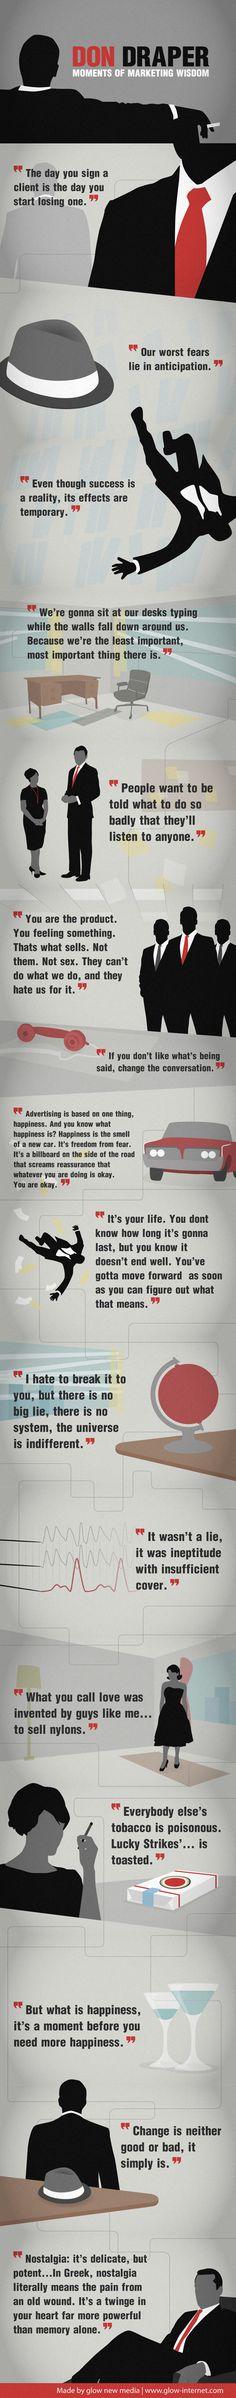 16 sabias frases sobre el mundo de la publicidad de la mano del gran Don Draper - See more at: http://www.marketingdirecto.com/actualidad/infografias/16-sabias-frases-sobre-el-mundo-de-la-publicidad-de-la-mano-del-gran-don-draper/#sthash.4yYwNJa2.dpuf